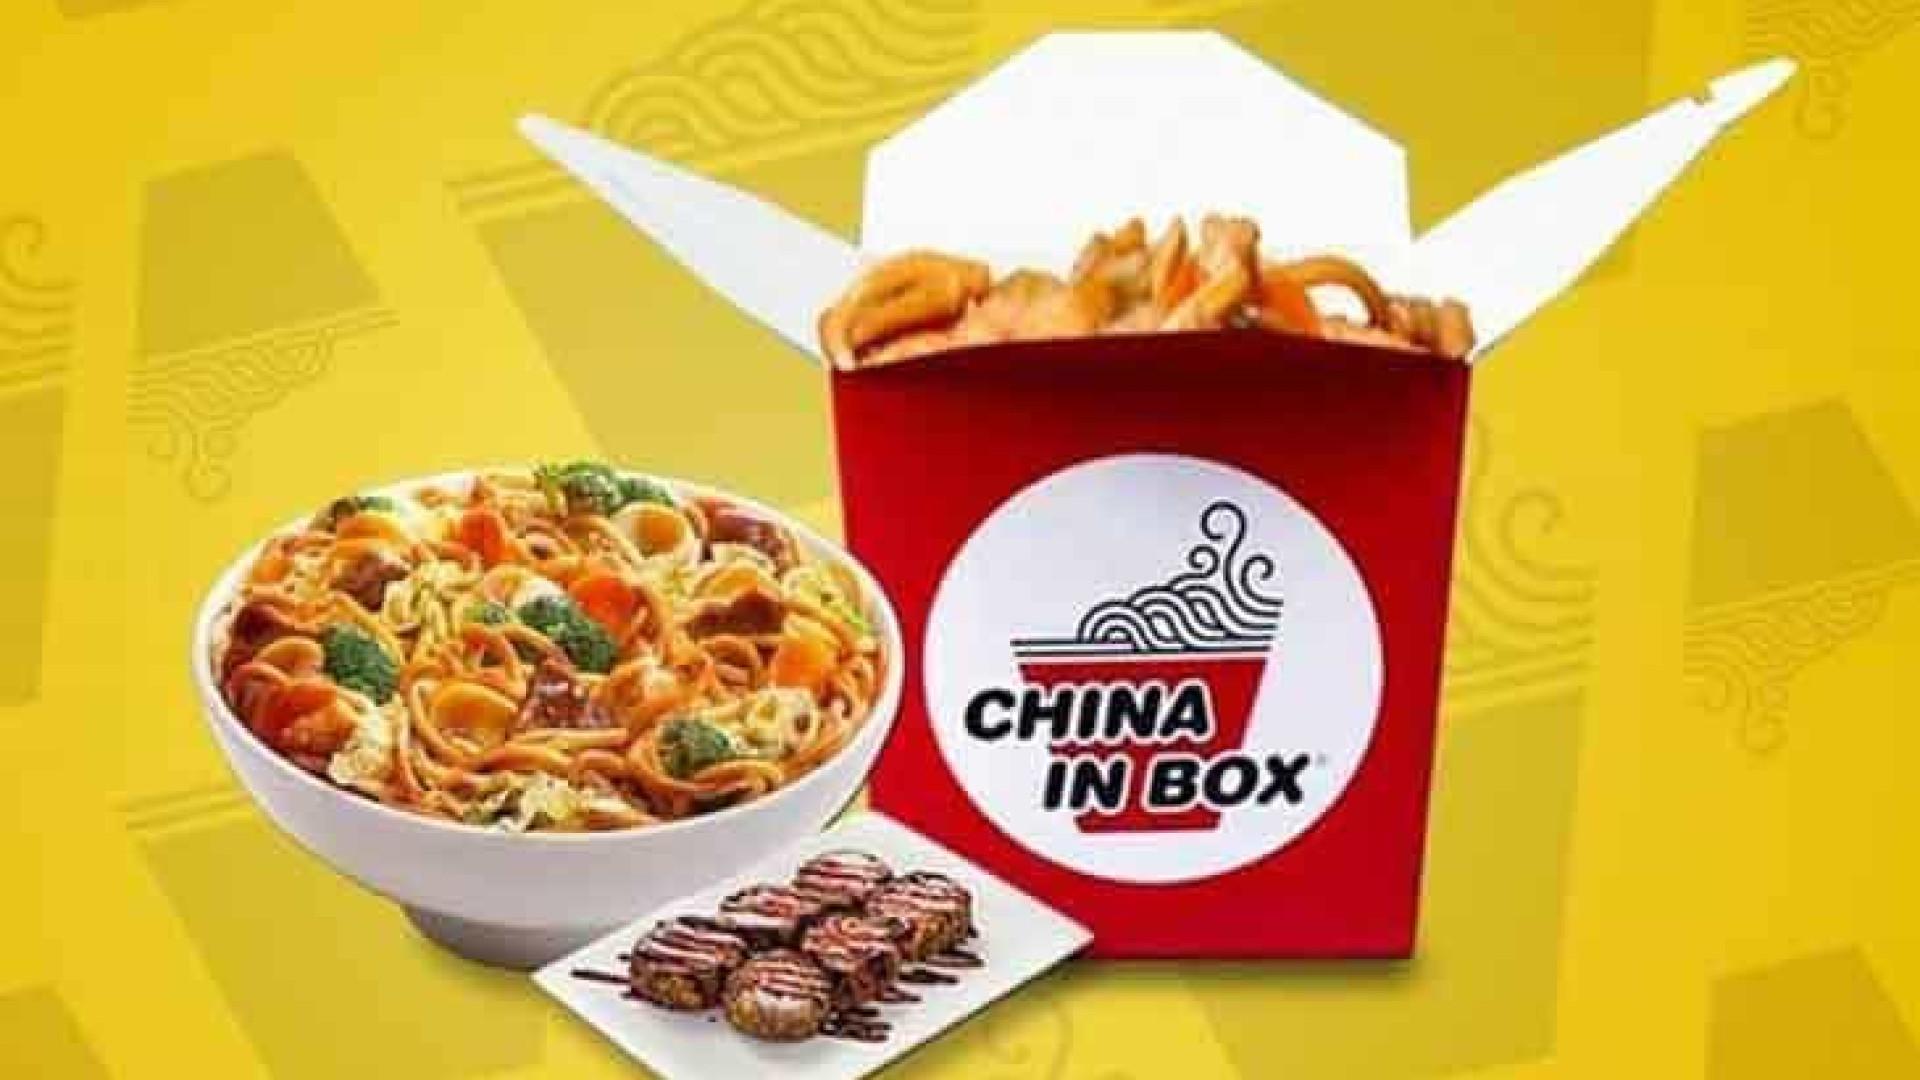 Clientes de fast food que encontraram caco de vidro na comida serão indenizados